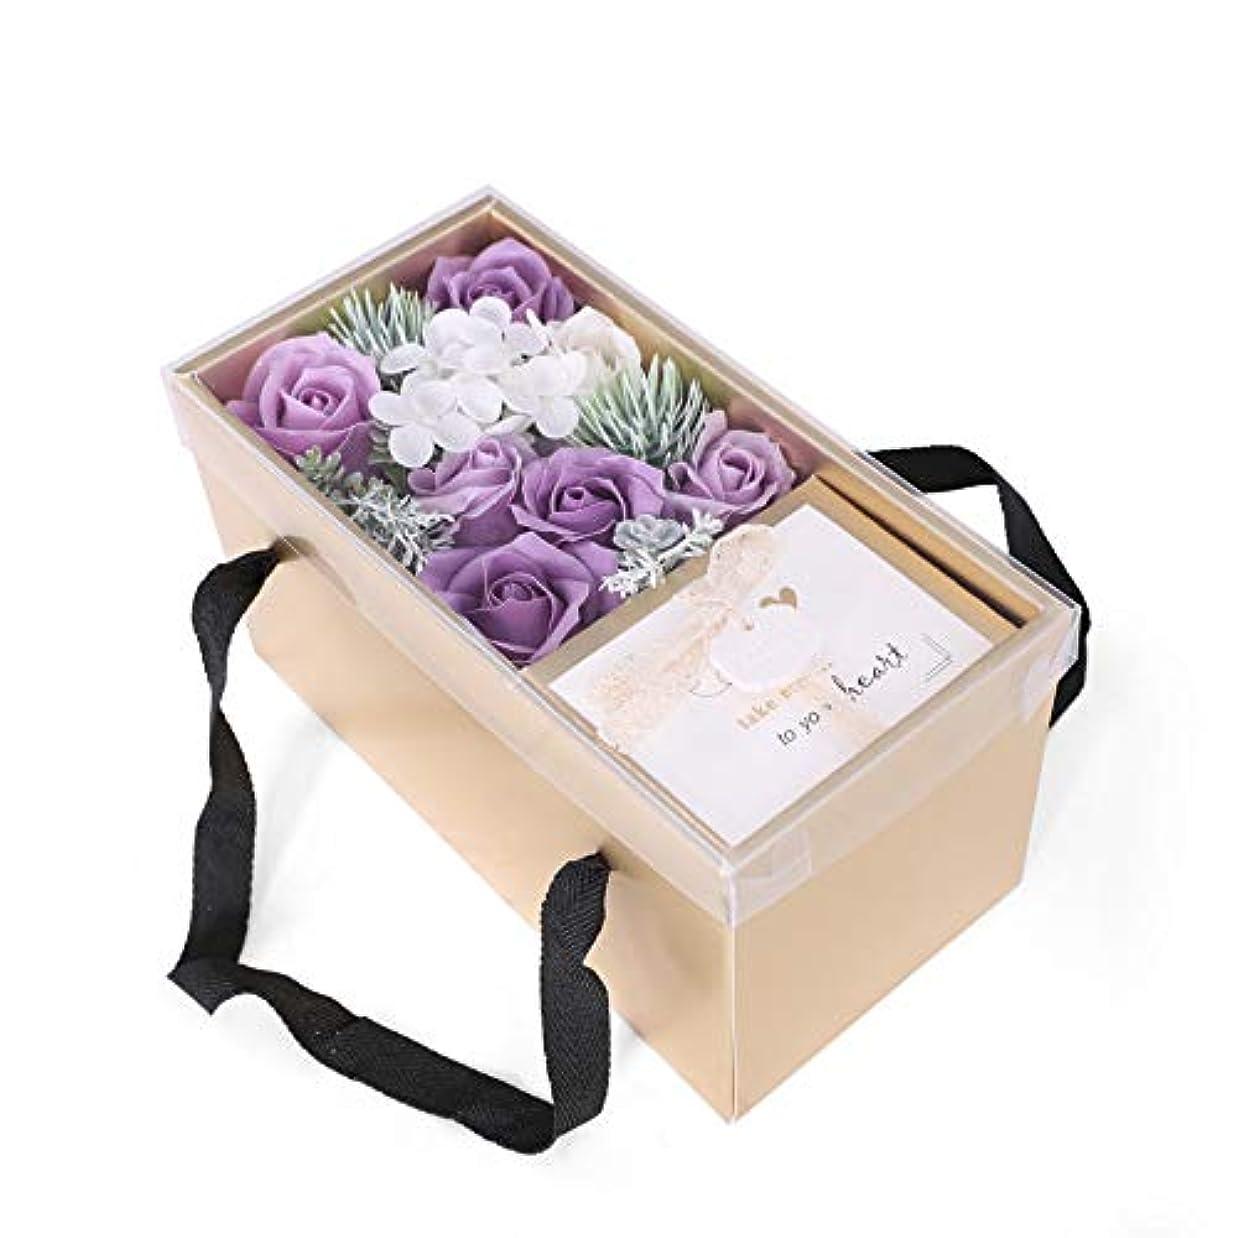 ファイターカウントインド生地と花石鹸の花 バスソープフラワーローズフラワーバレンタインデーのために必須ガールフレンド記念日誕生日母の日ポータブルギフトボックス (色 : 紫の)